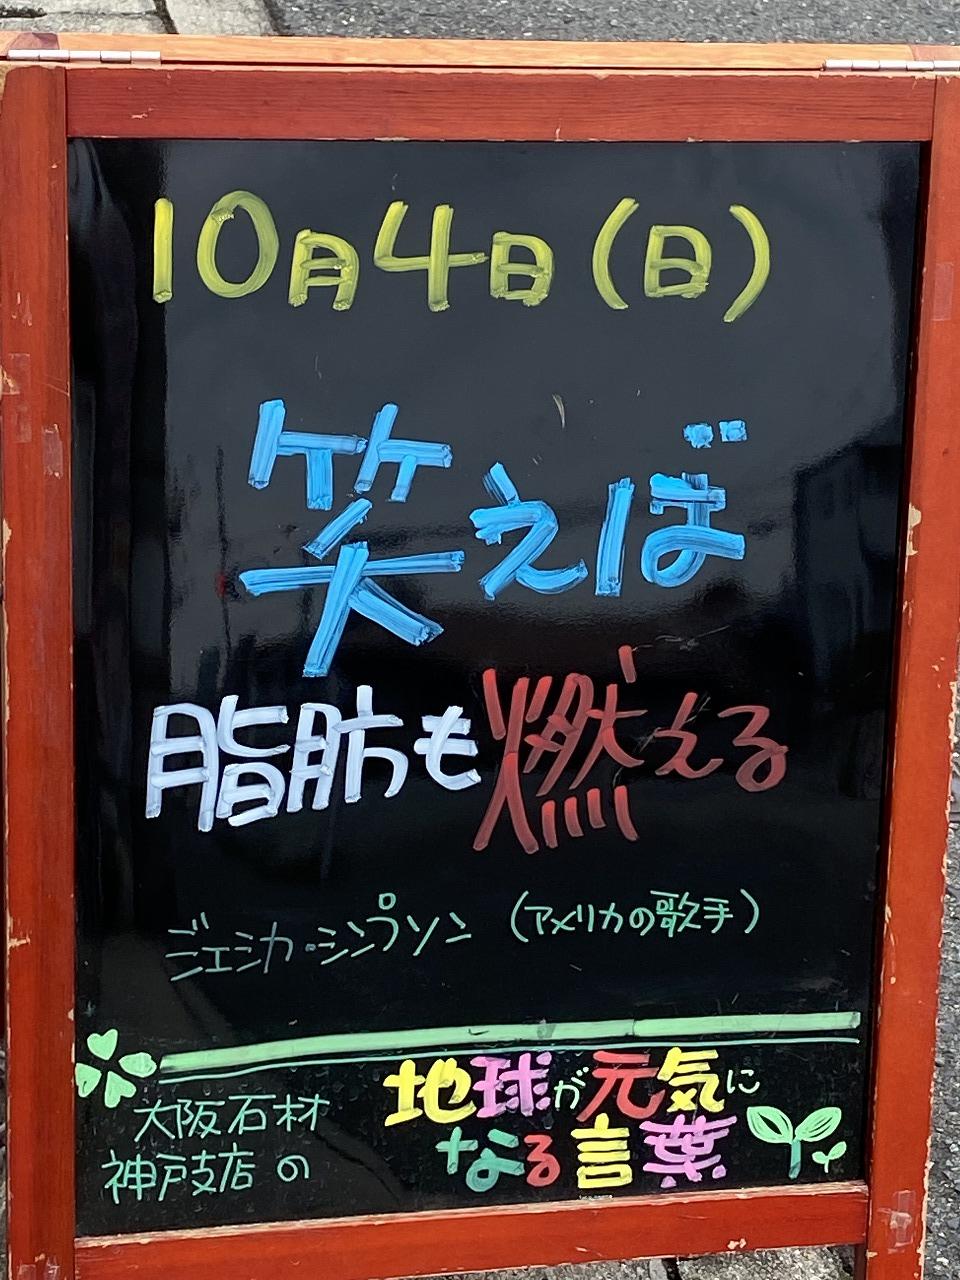 神戸の墓石店「地球が元気になる言葉」の写真 2020年10月4日